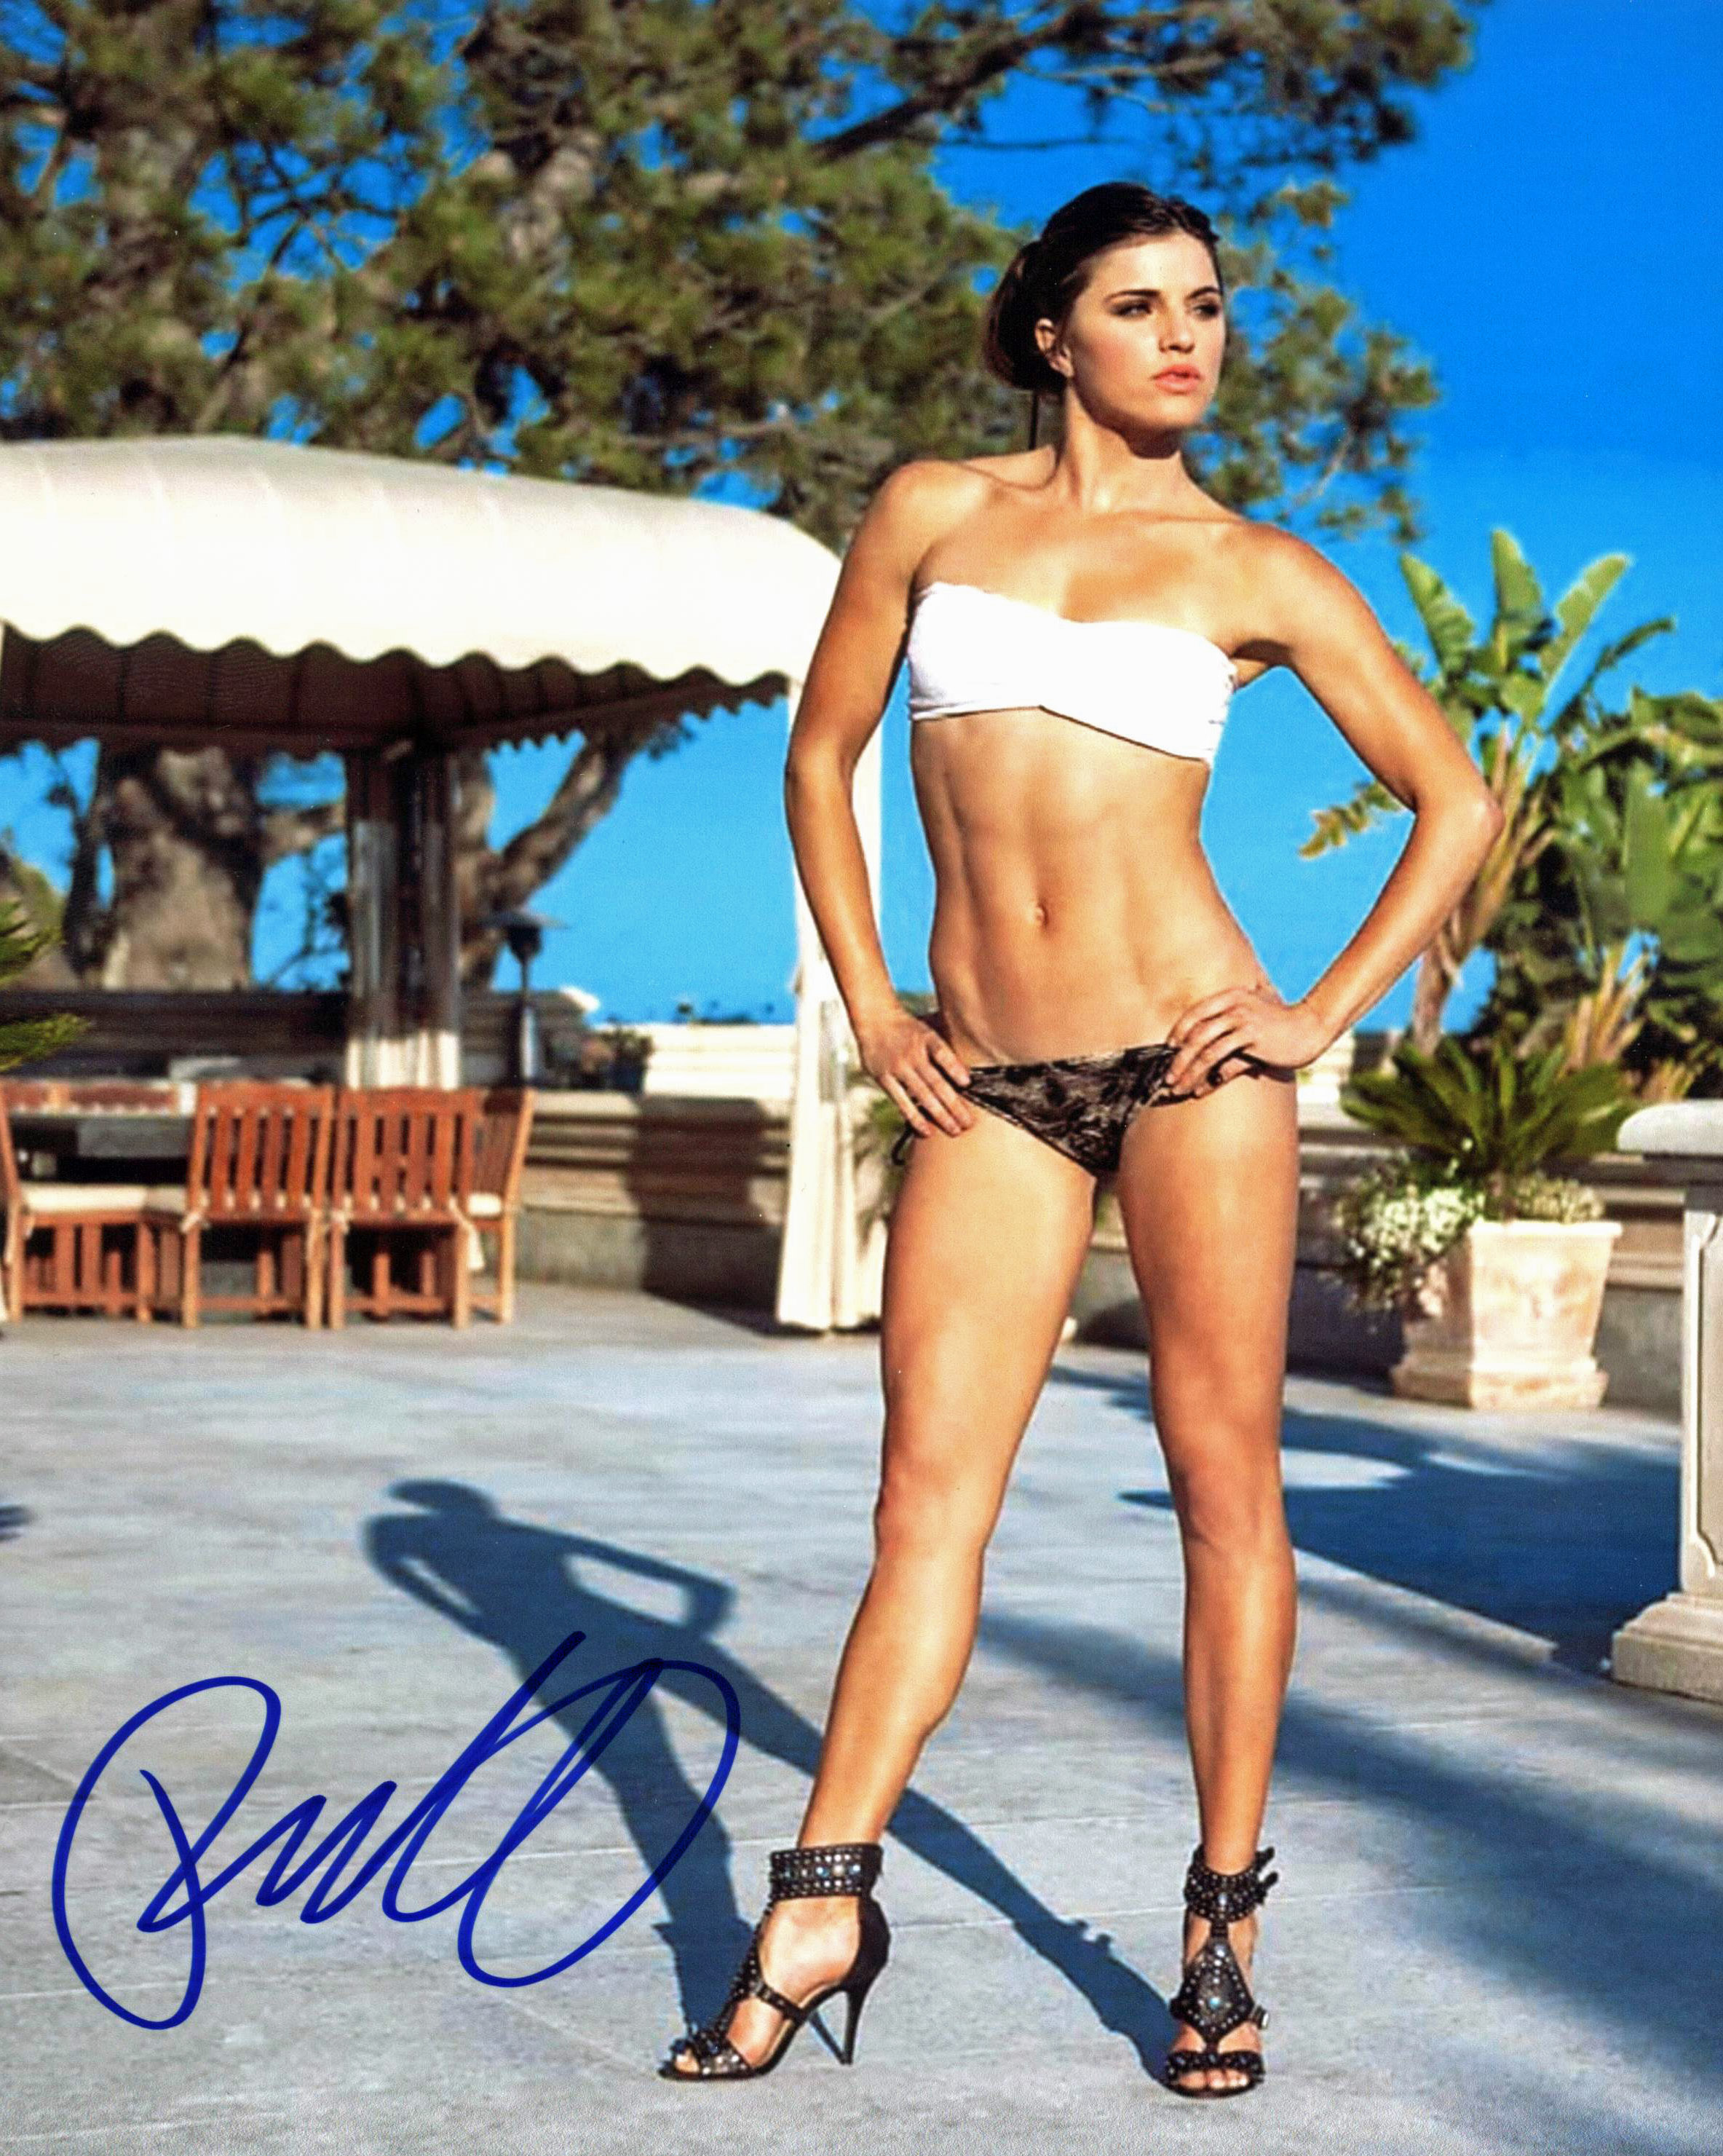 Rachele Brooke Smith Naked Property Exclusive Photo And